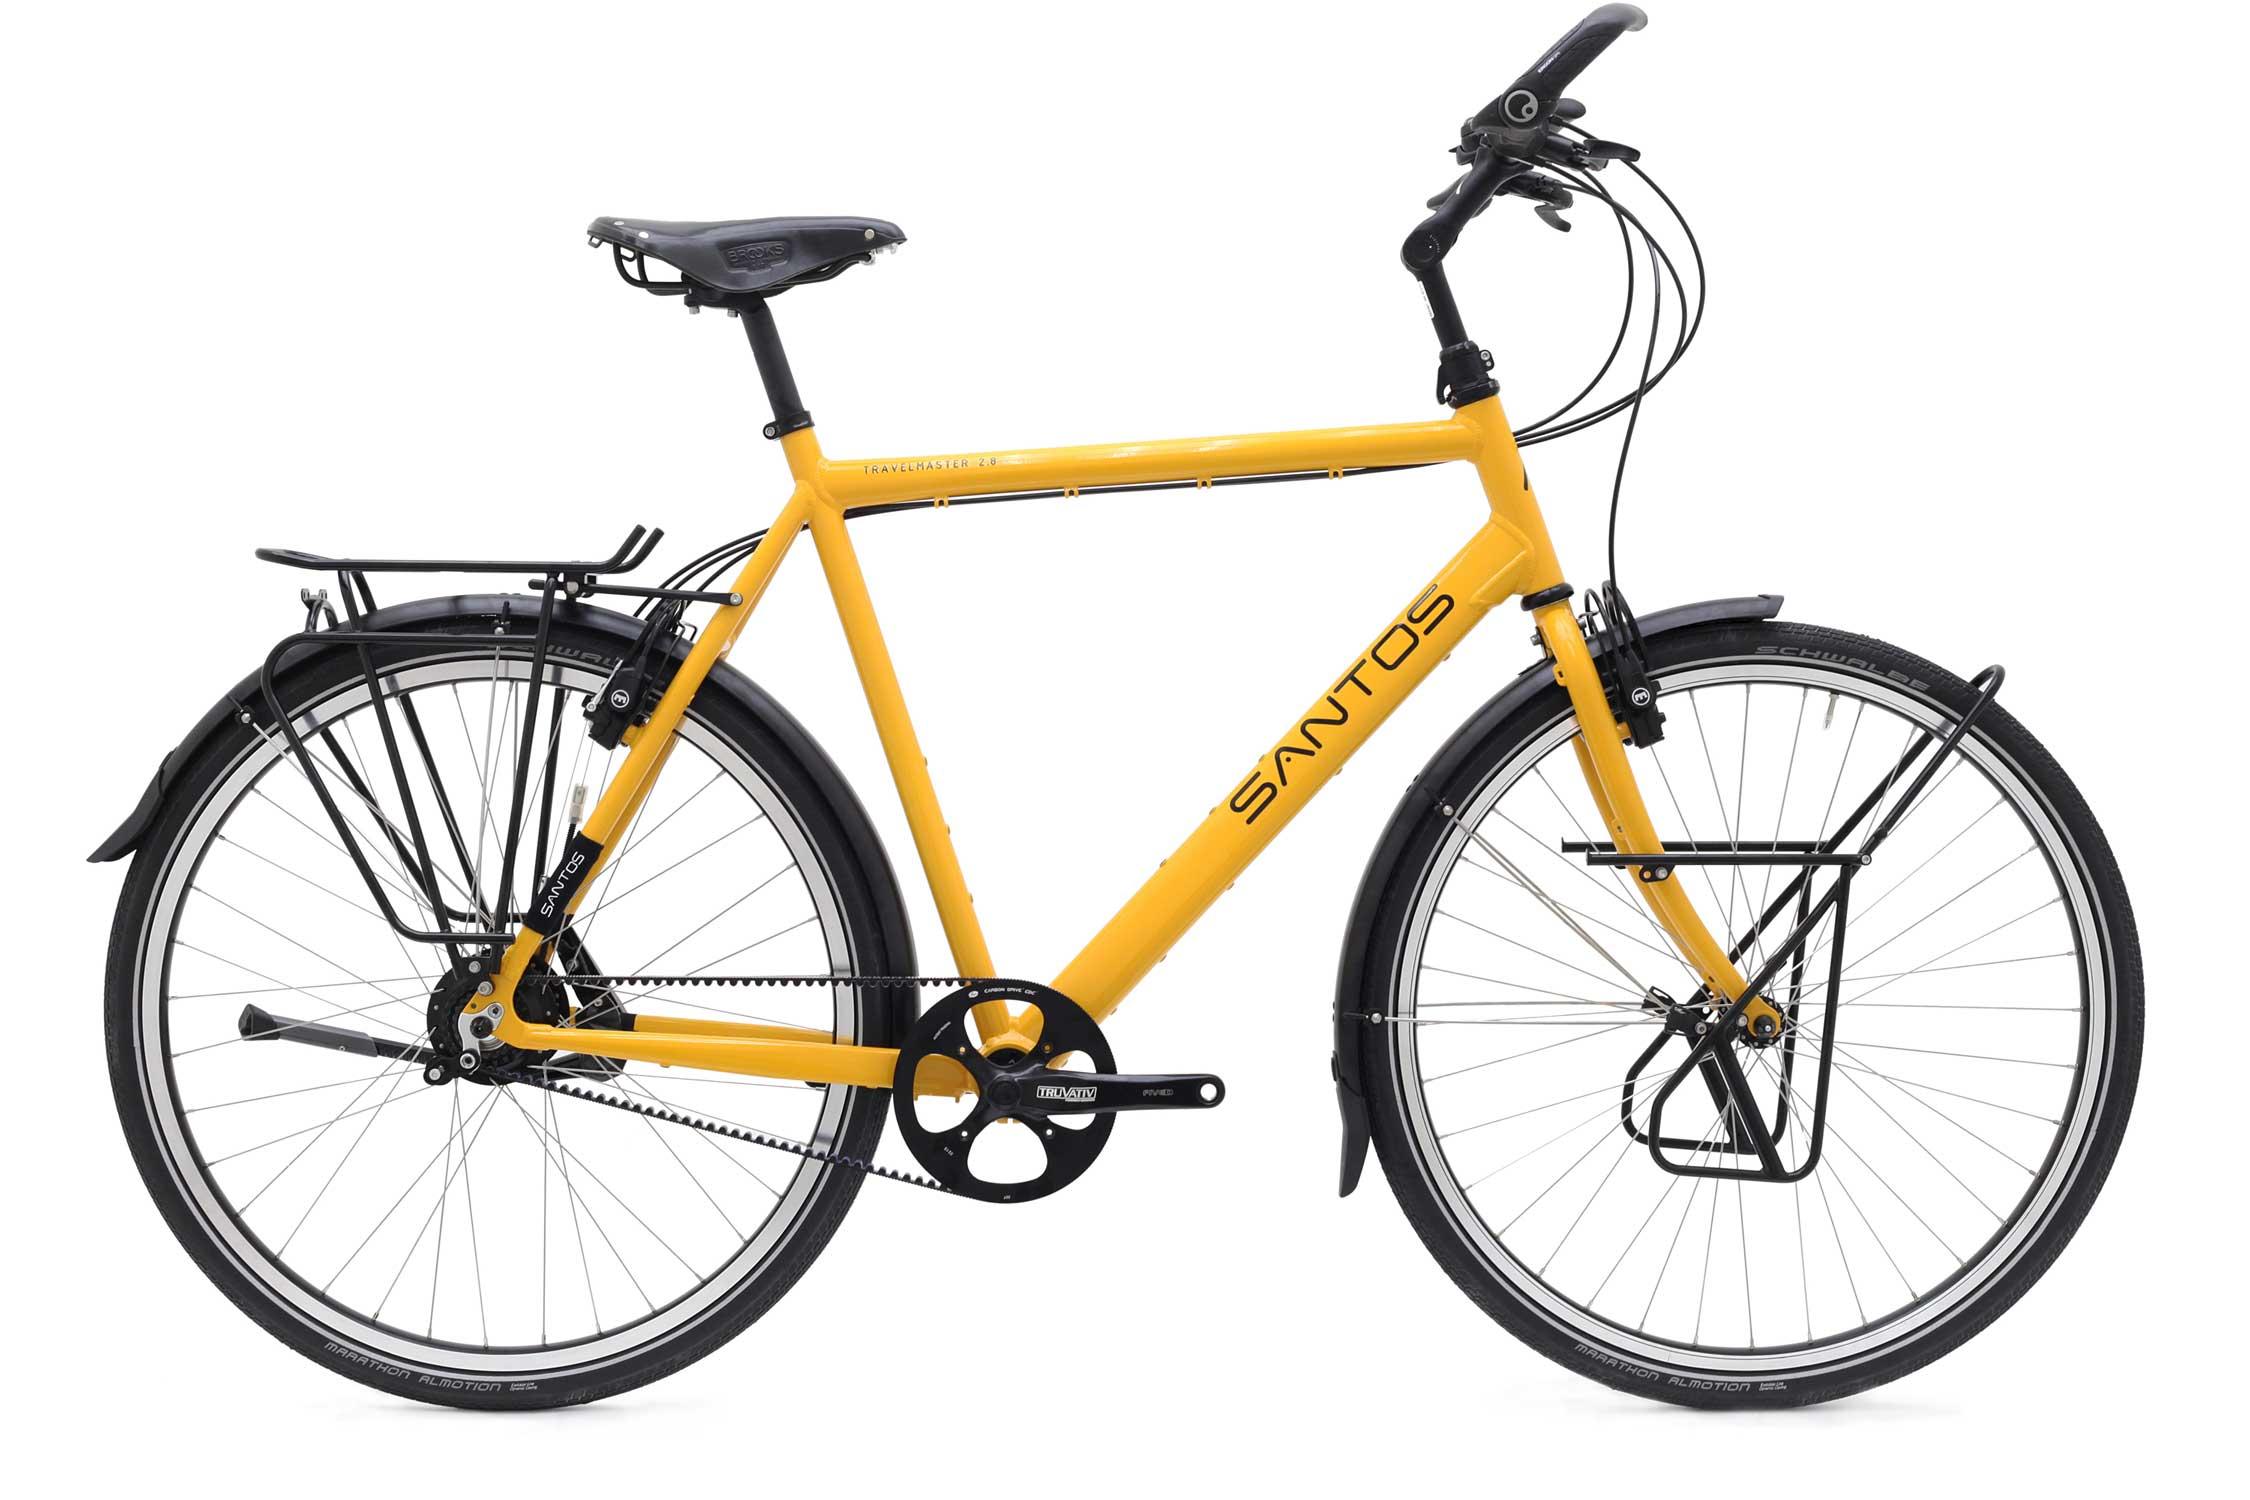 Santos Travel master 2.8 is een legendarische vakantiefiets. Kom hem bekijken en testen bij Beagle Bikes.